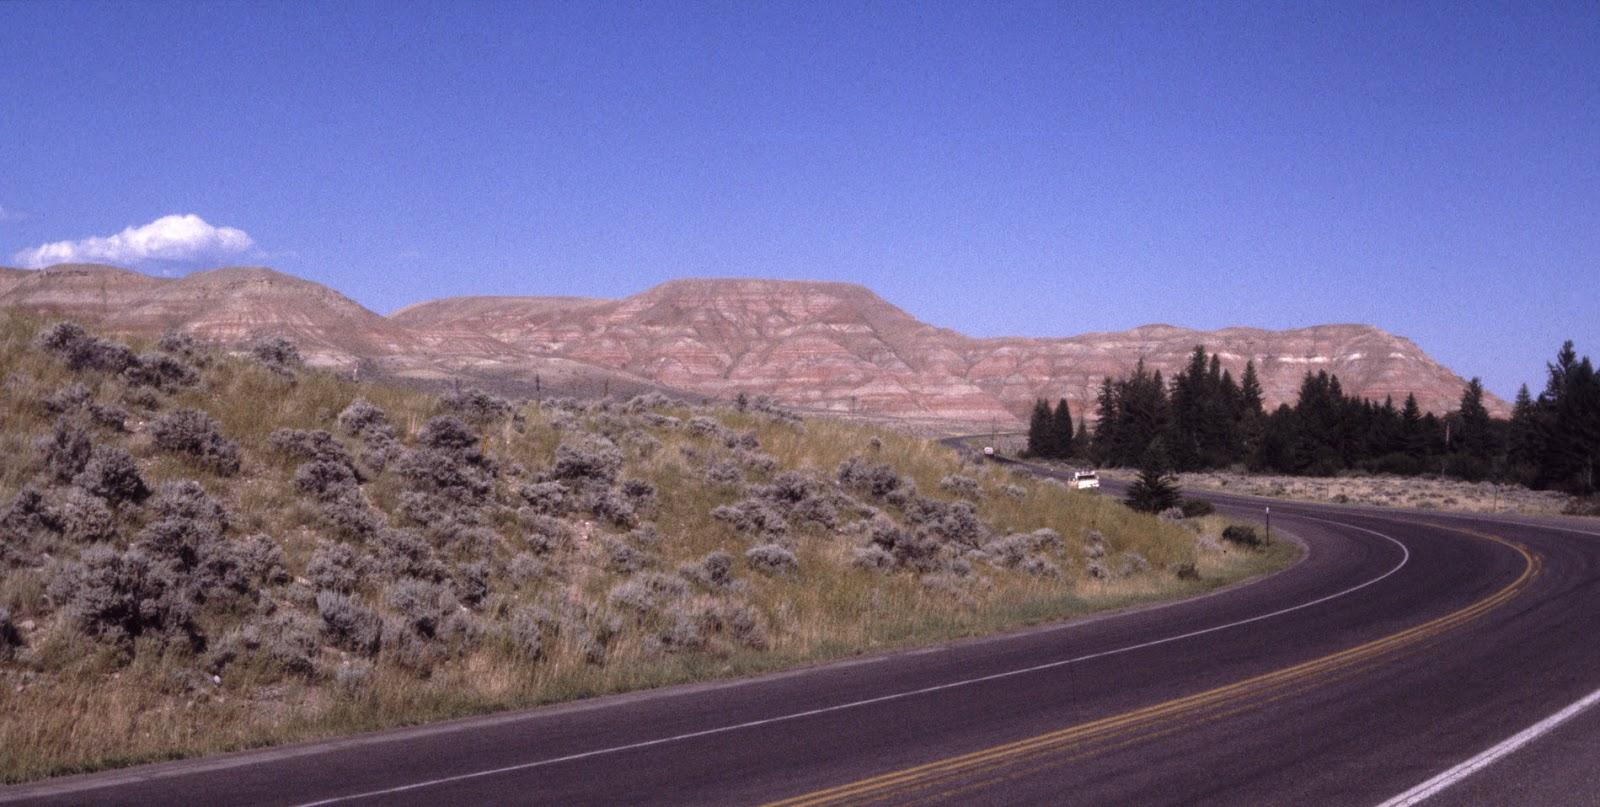 Red-striped cliffs